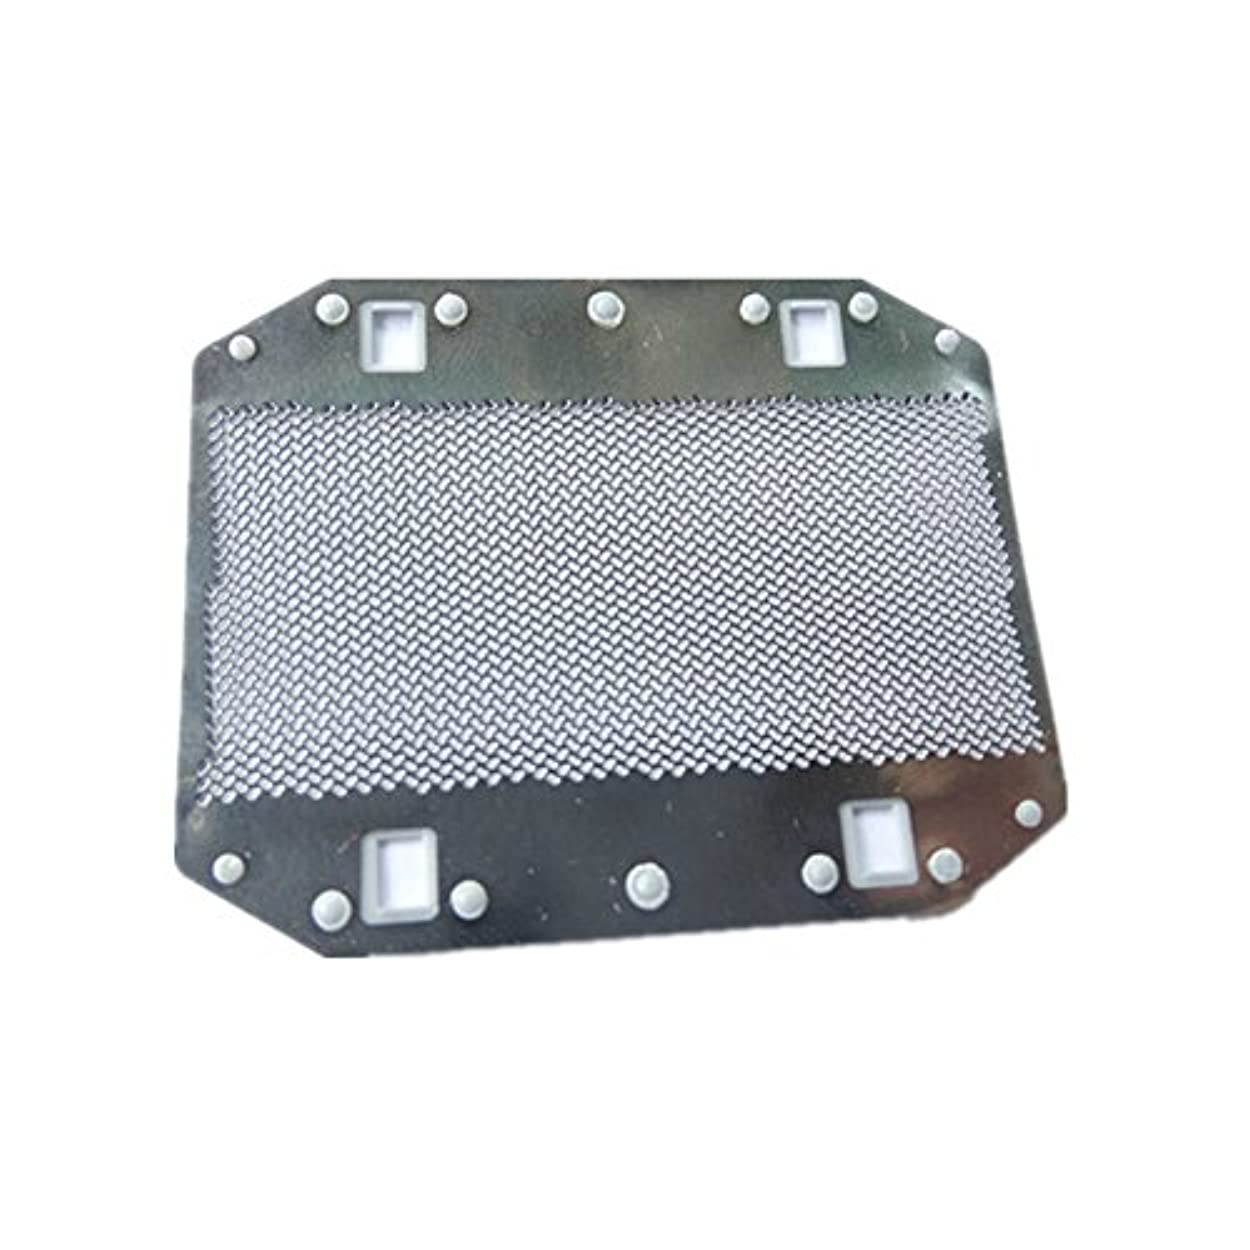 悪い自転車同時HZjundasi Replacement Outer ホイル for Panasonic ES3750/3760/RP40/815/3050 ES9943